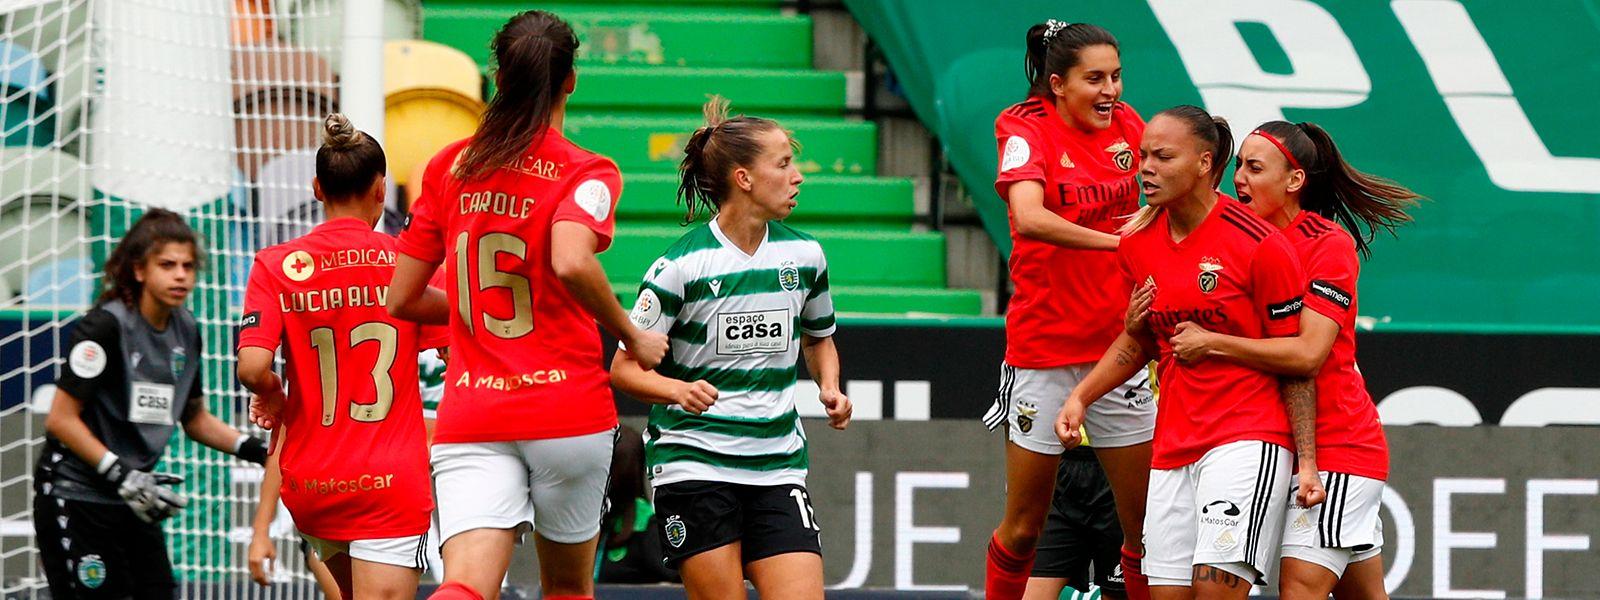 As jogadoras do Benfica celebram a marcação de um golo contra o Sporting durante o jogo da Liga Feminina de futebol, disputado no Estádio José de Alvalade, em Lisboa, 22 de maio de 2021.